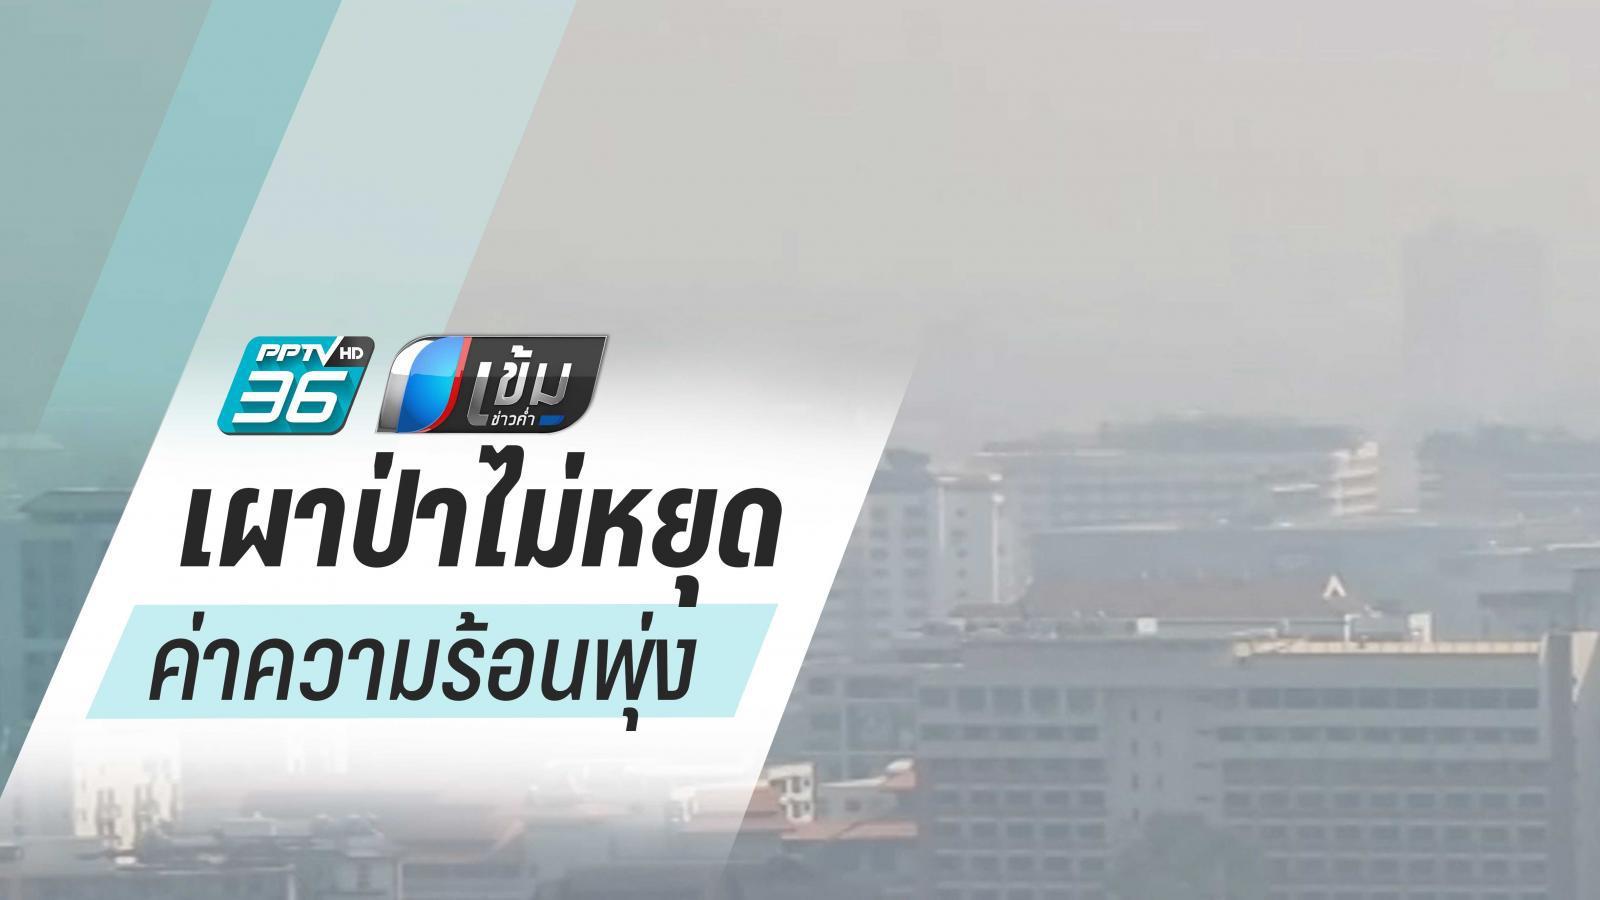 เหนือเผาป่าไม่หยุด ค่าความร้อนพุ่ง 195 พื้นที่ เชียงใหม่จมฝุ่นพิษ PM2.5